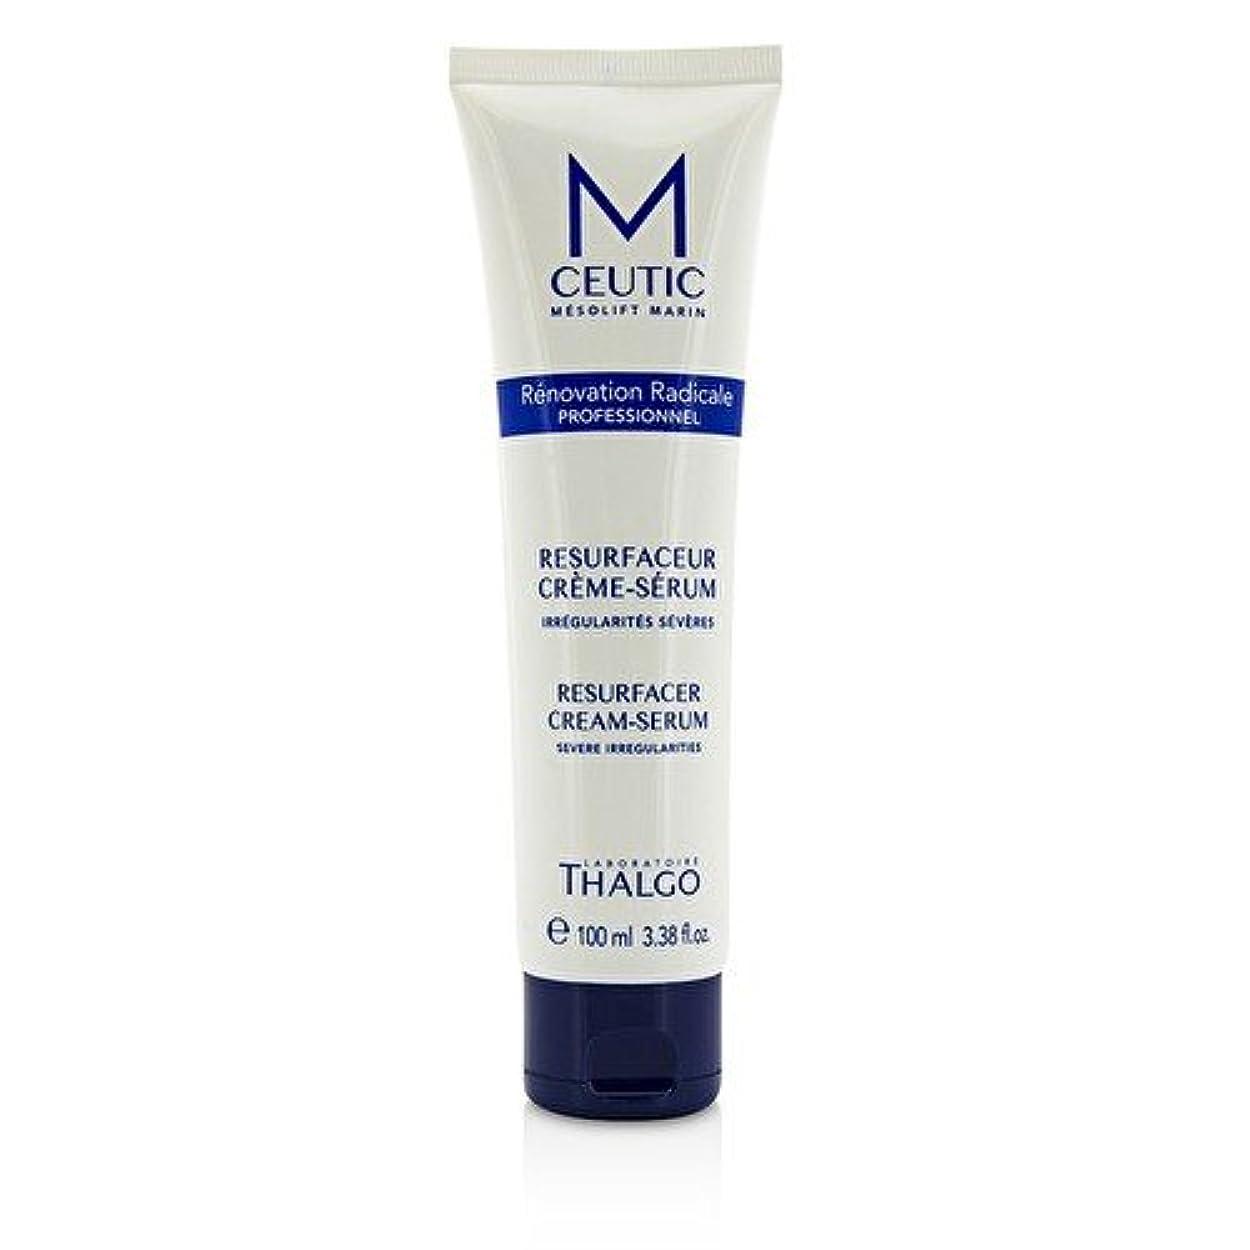 常識矩形散らすタルゴ MCEUTIC Resurfacer Cream-Serum - Salon Size 100ml/3.38oz並行輸入品